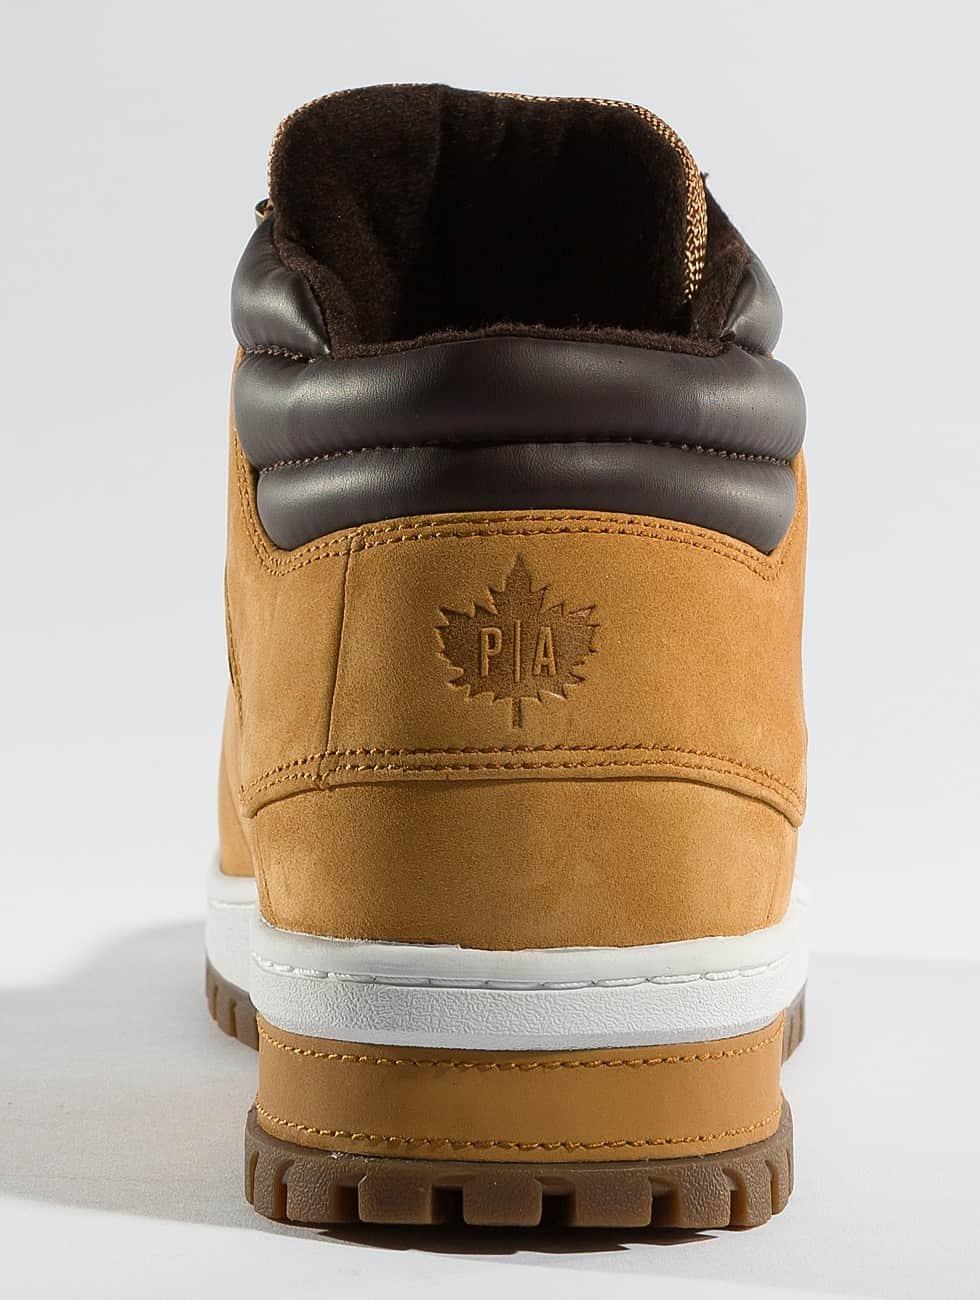 K1X schoen / Boots H1ke Territory in beige 291150 Outlet Laagste Prijs zonneschijn Kopen Goedkope XQKur